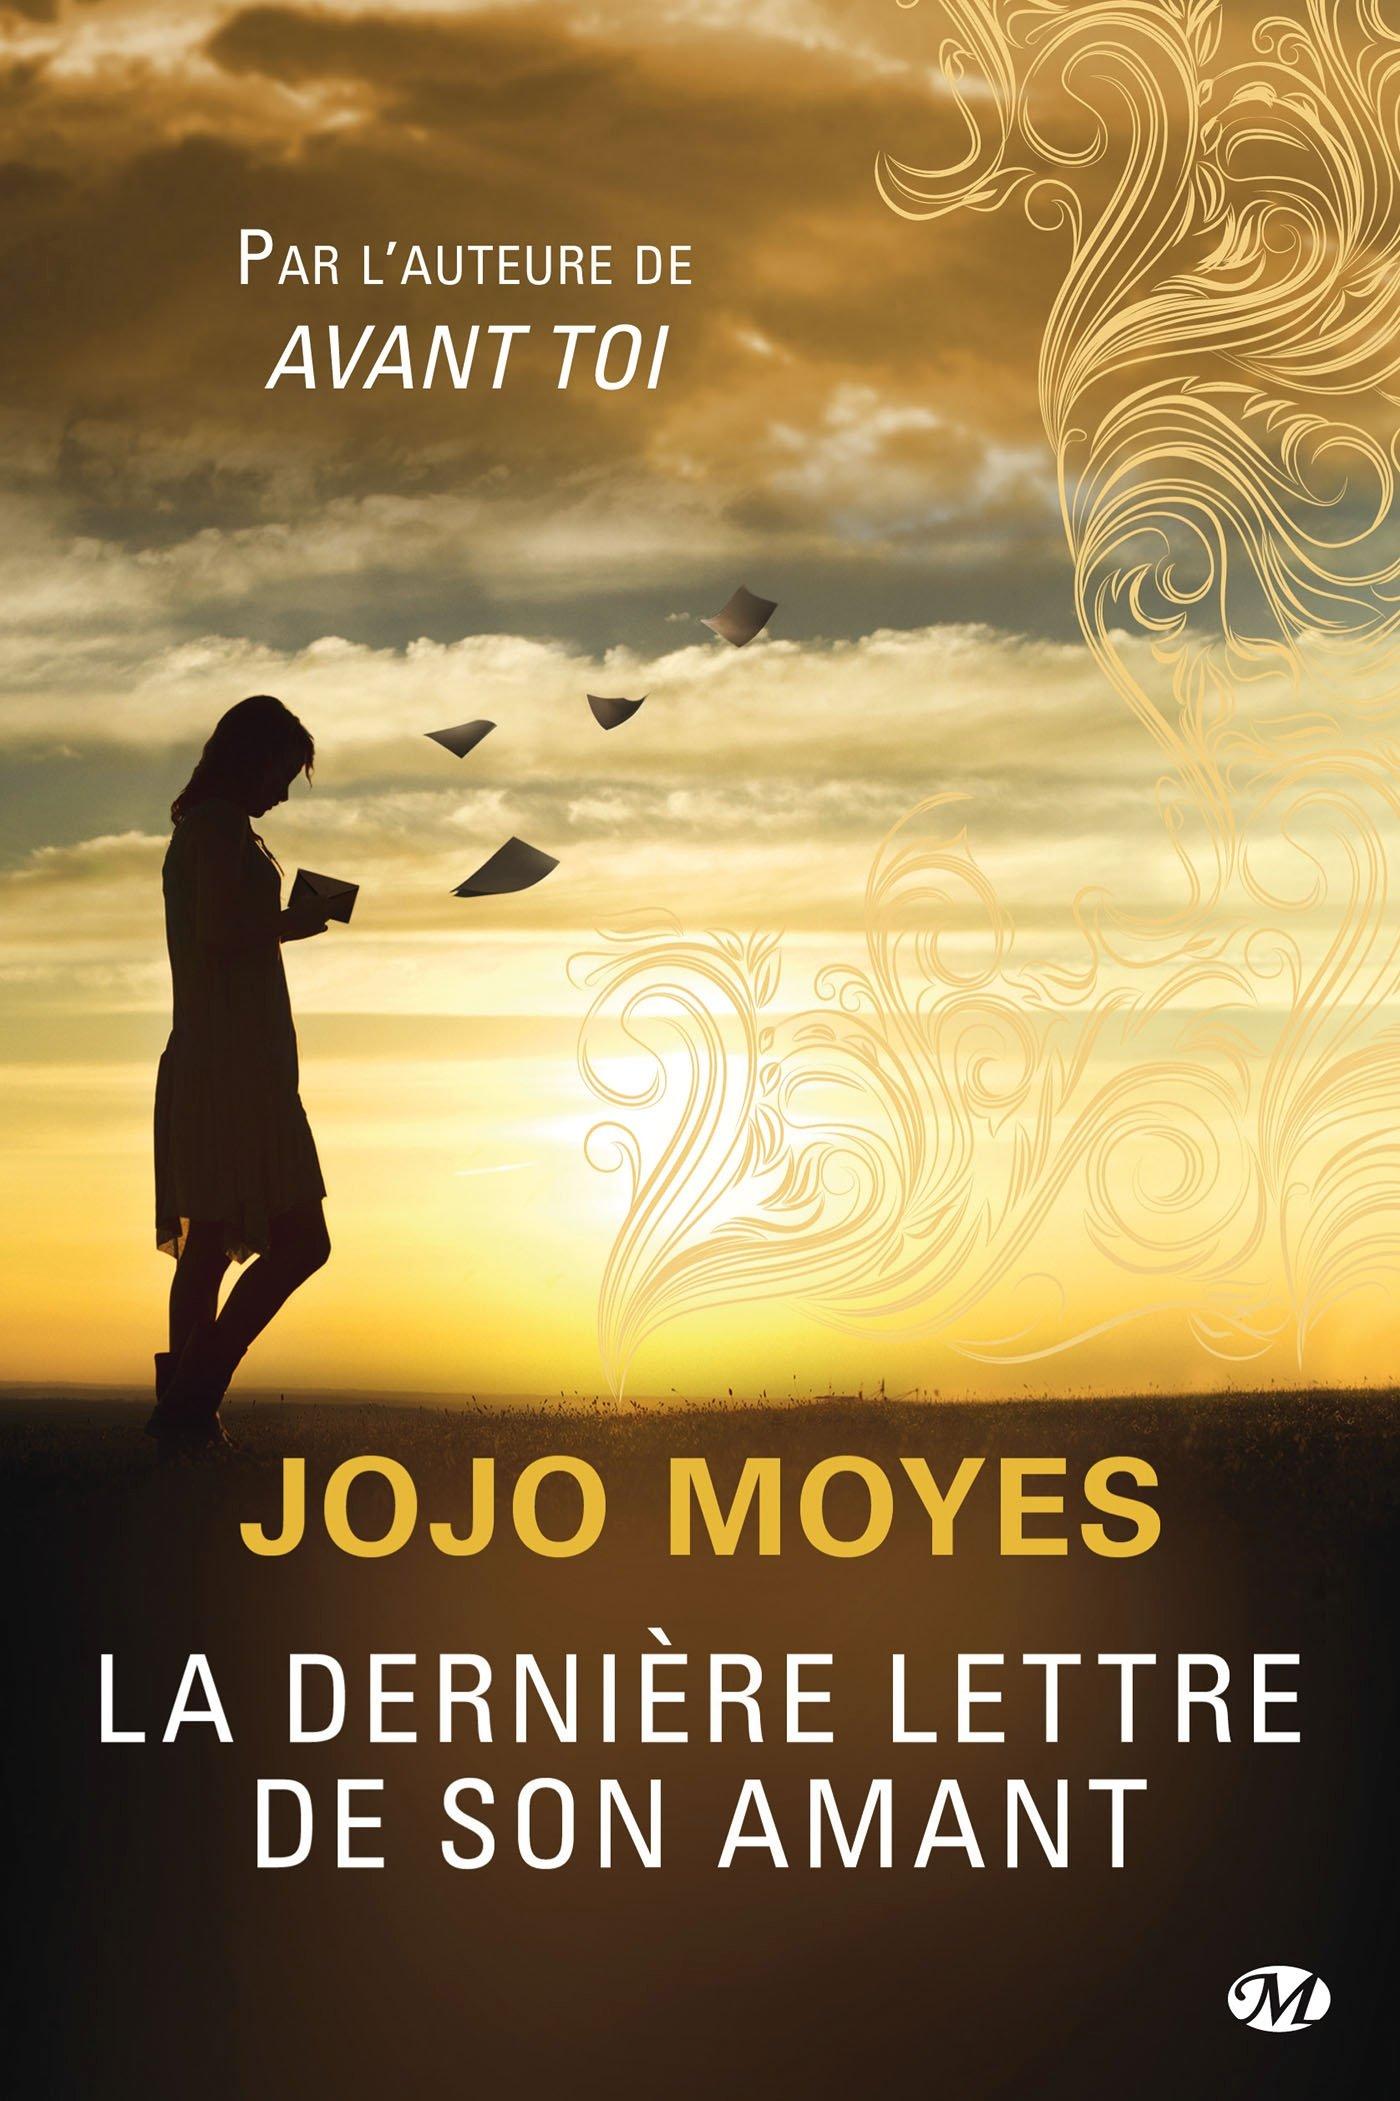 La Dernière Lettre De Son Amant Jojo Moyes 9782811211837